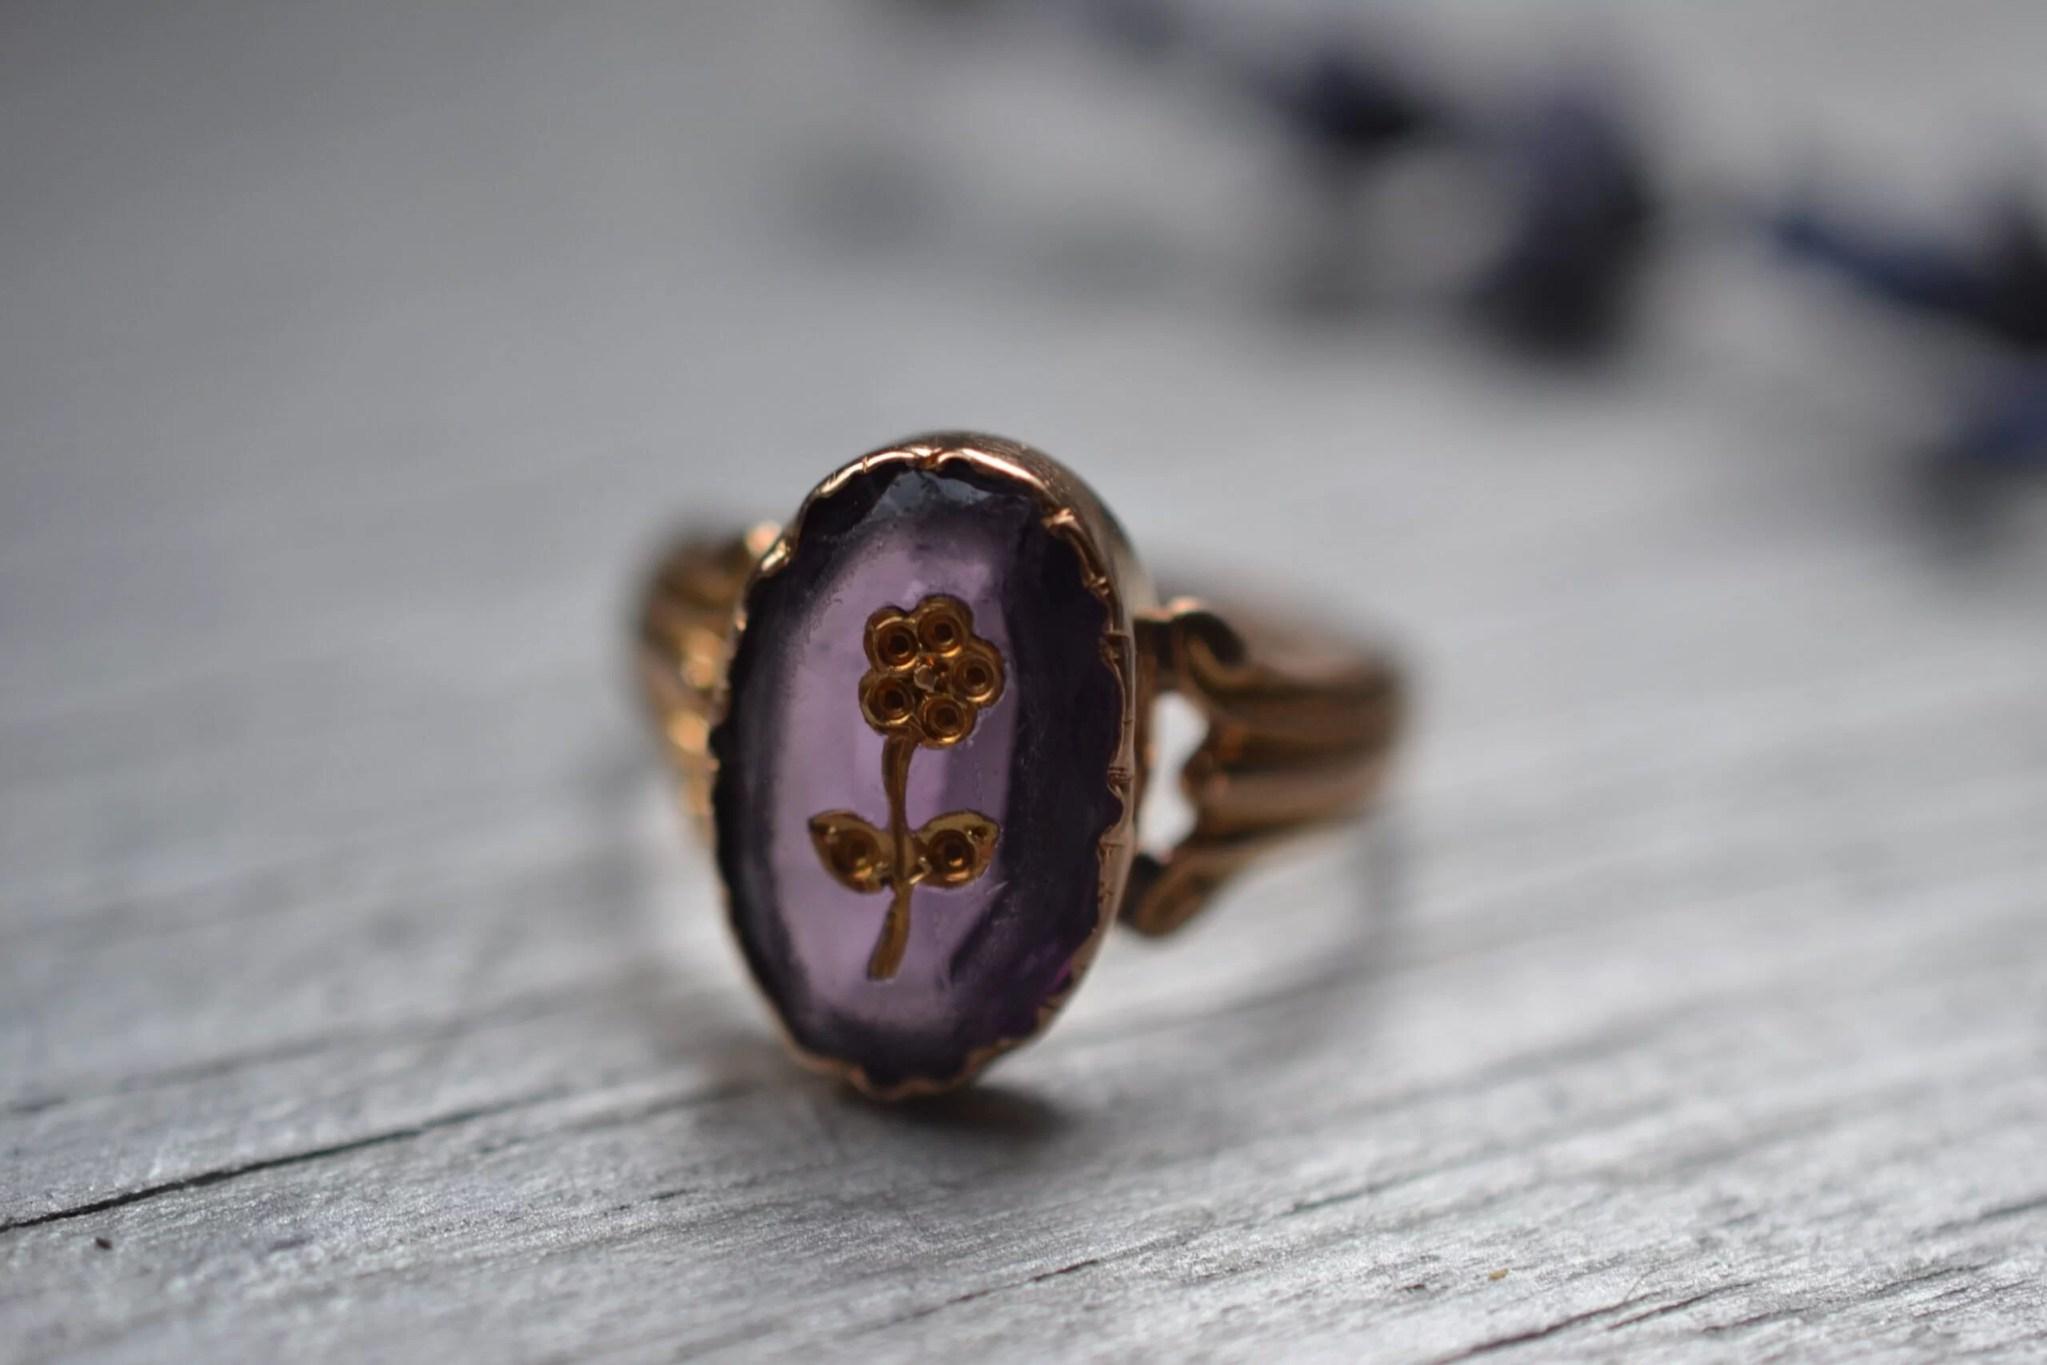 Bague vintage en or jaune 18 carats (750/1000), sertie d'une pierre couleur violet et gravée d'une fleur - un bijou Noircarat.fr